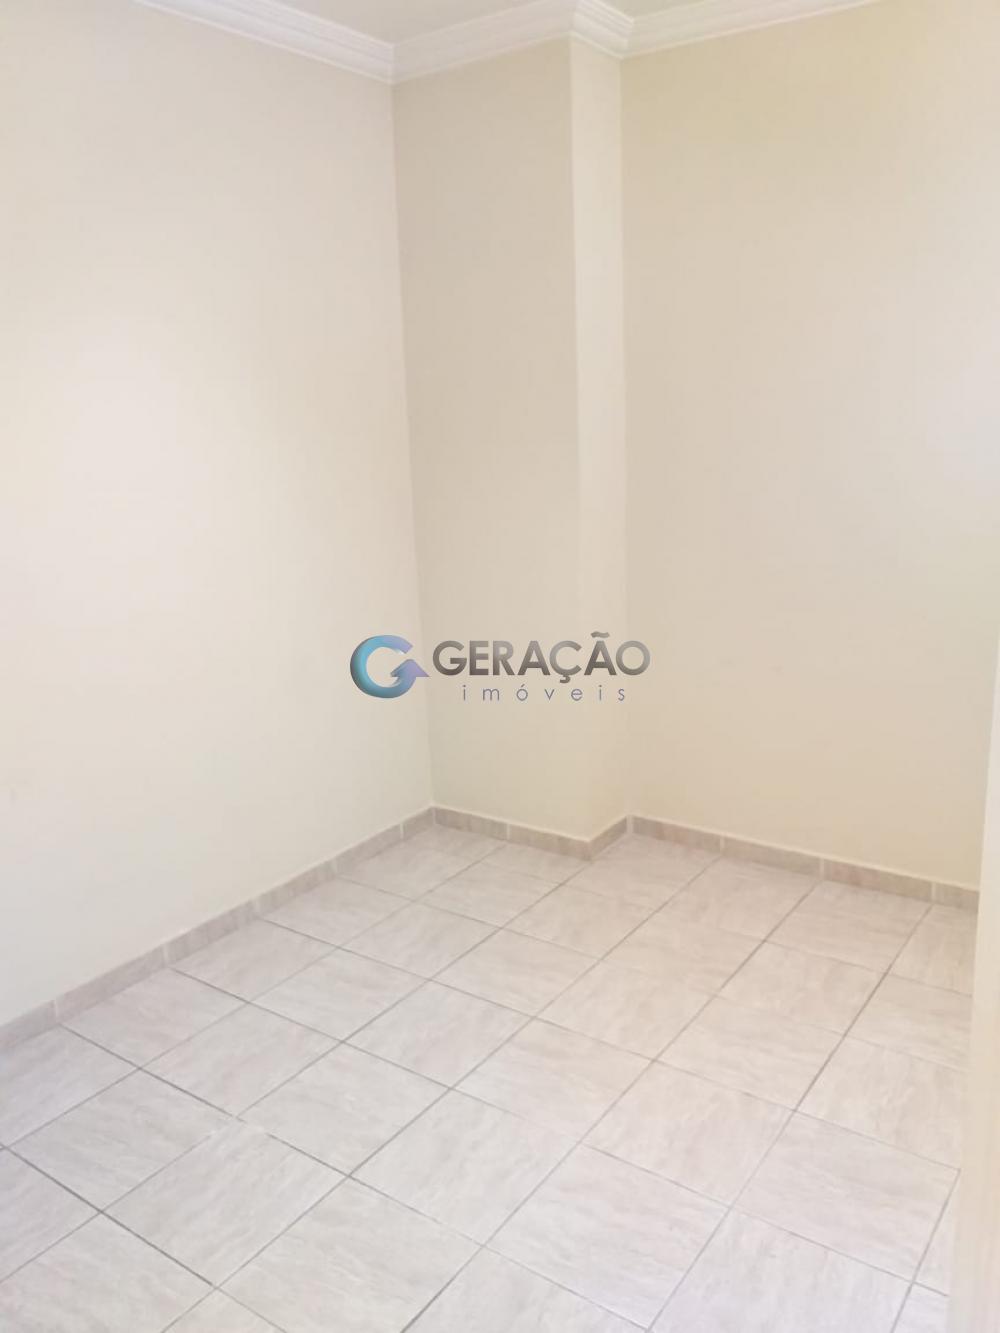 Comprar Comercial / Sala em Condomínio em São José dos Campos apenas R$ 140.000,00 - Foto 6